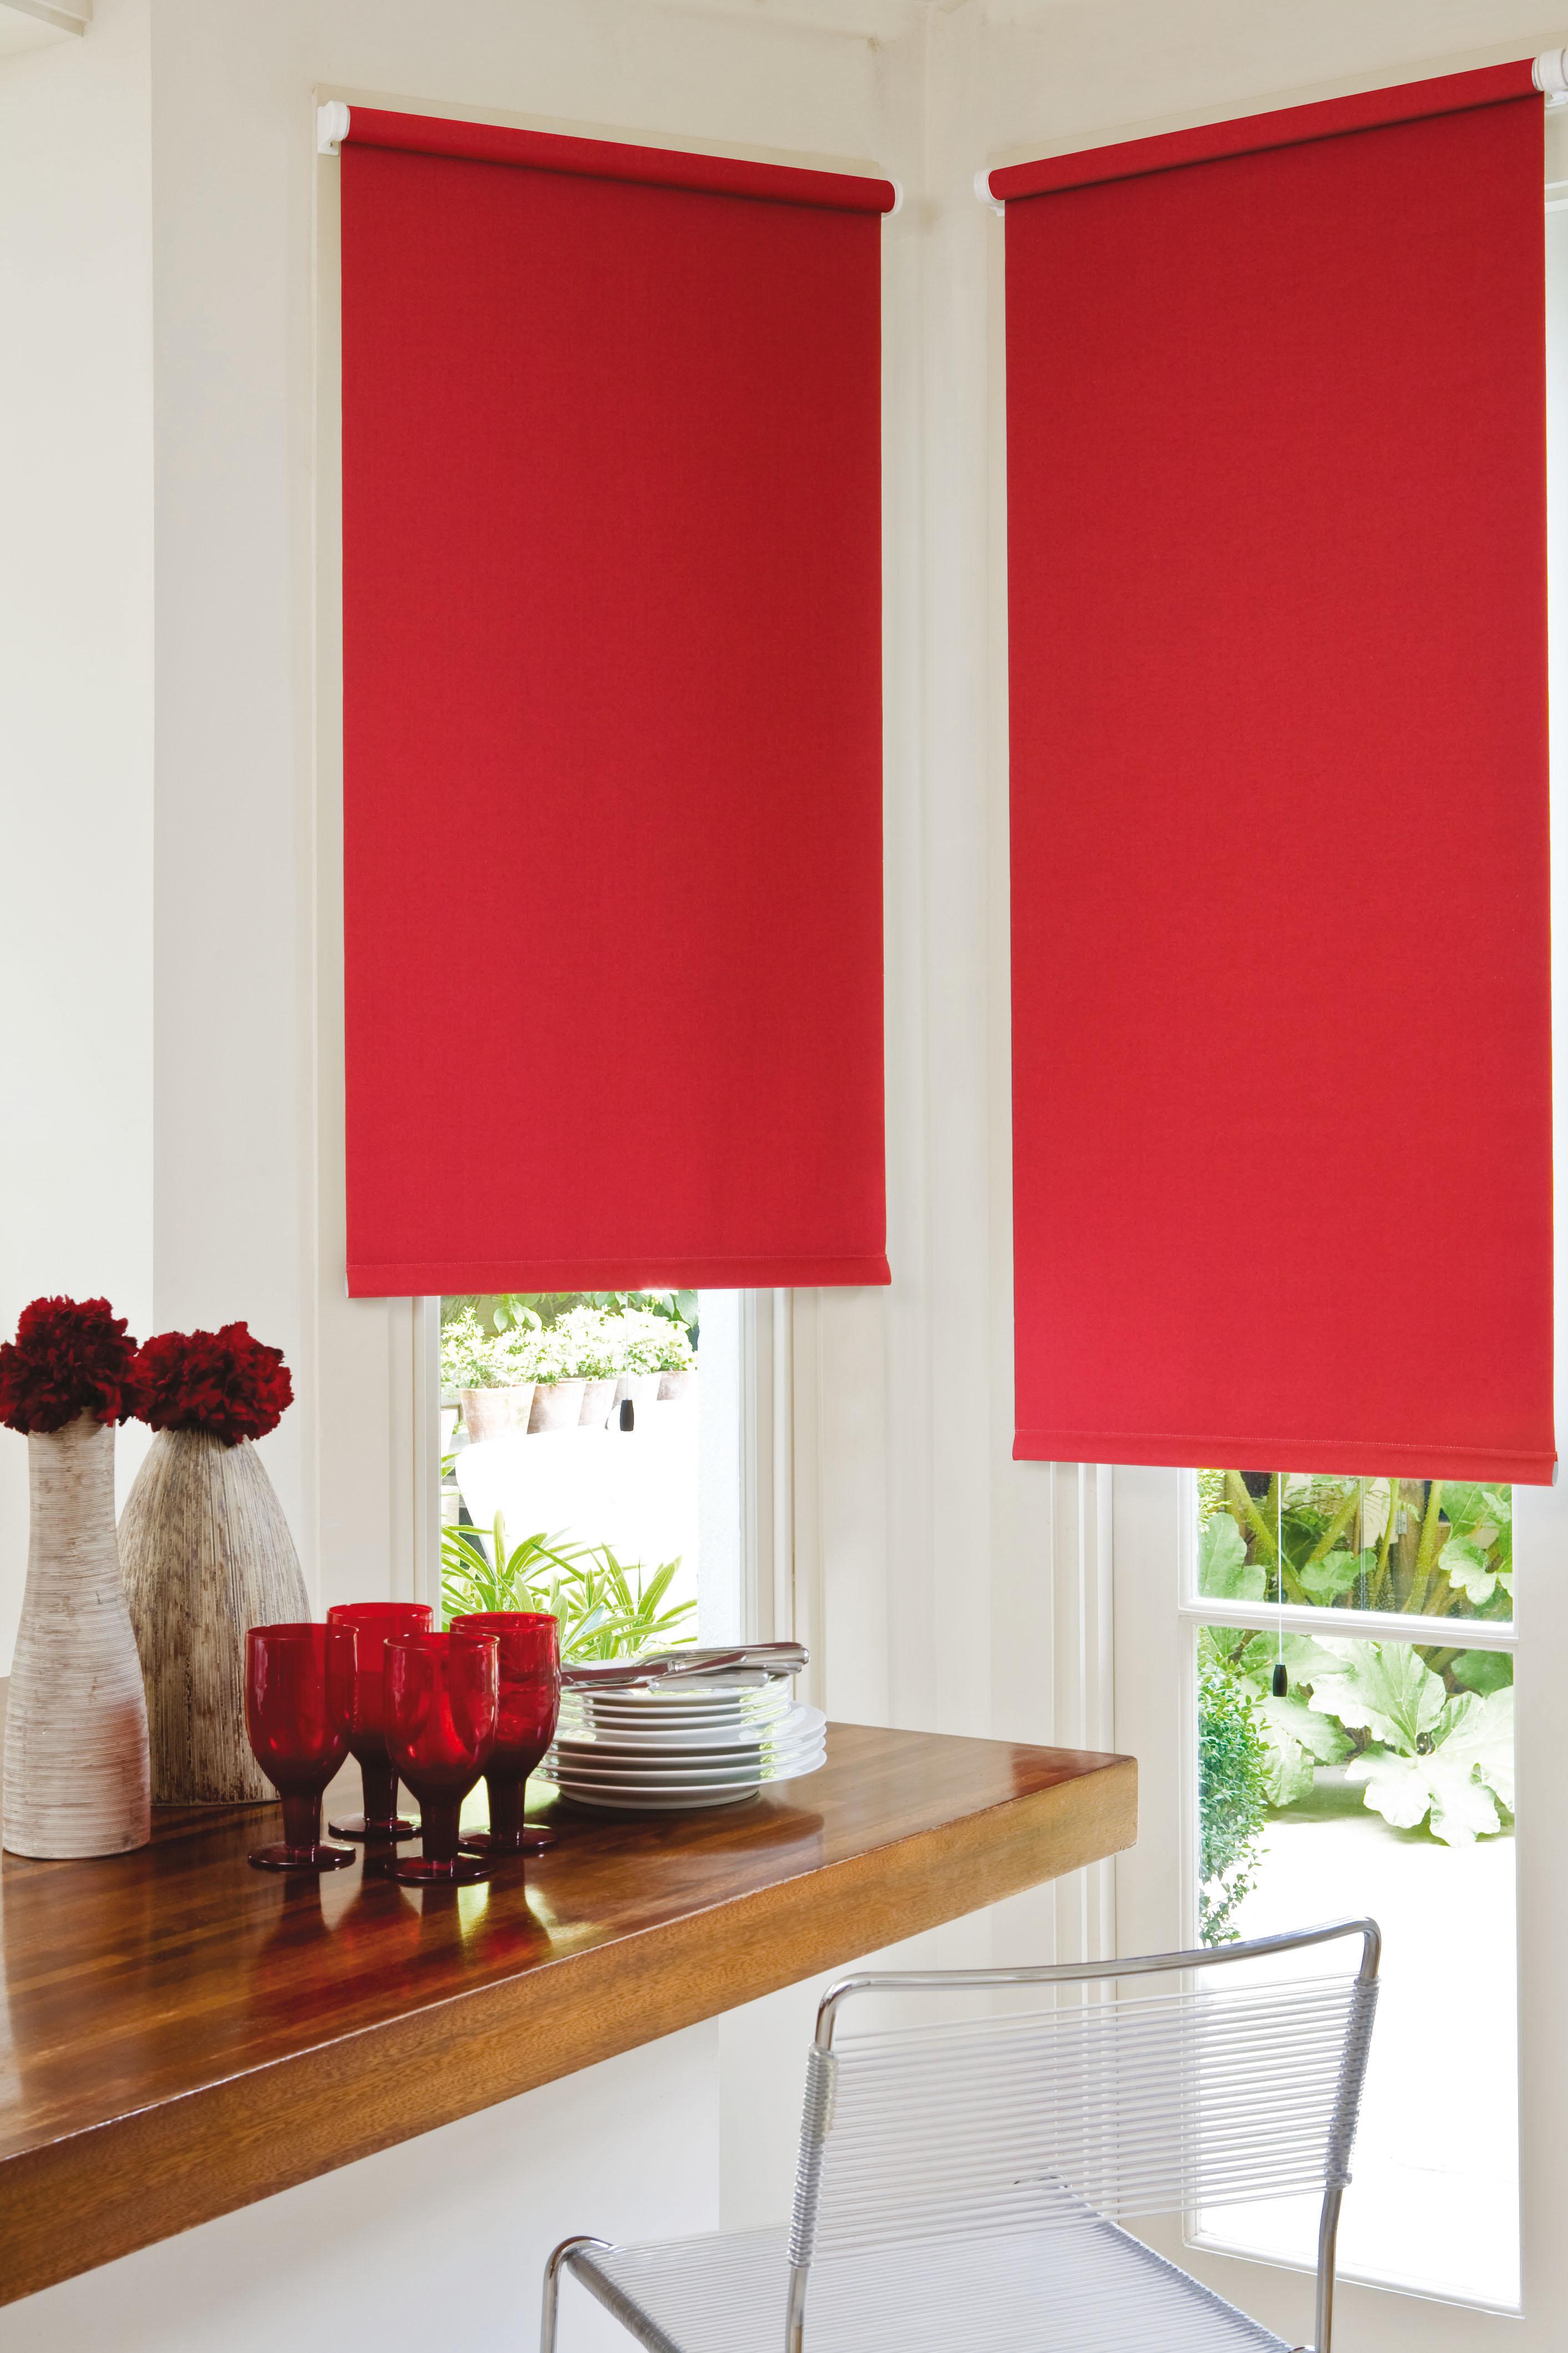 Как правильно выбрать рулонные шторы: ткань, цвет, особенности